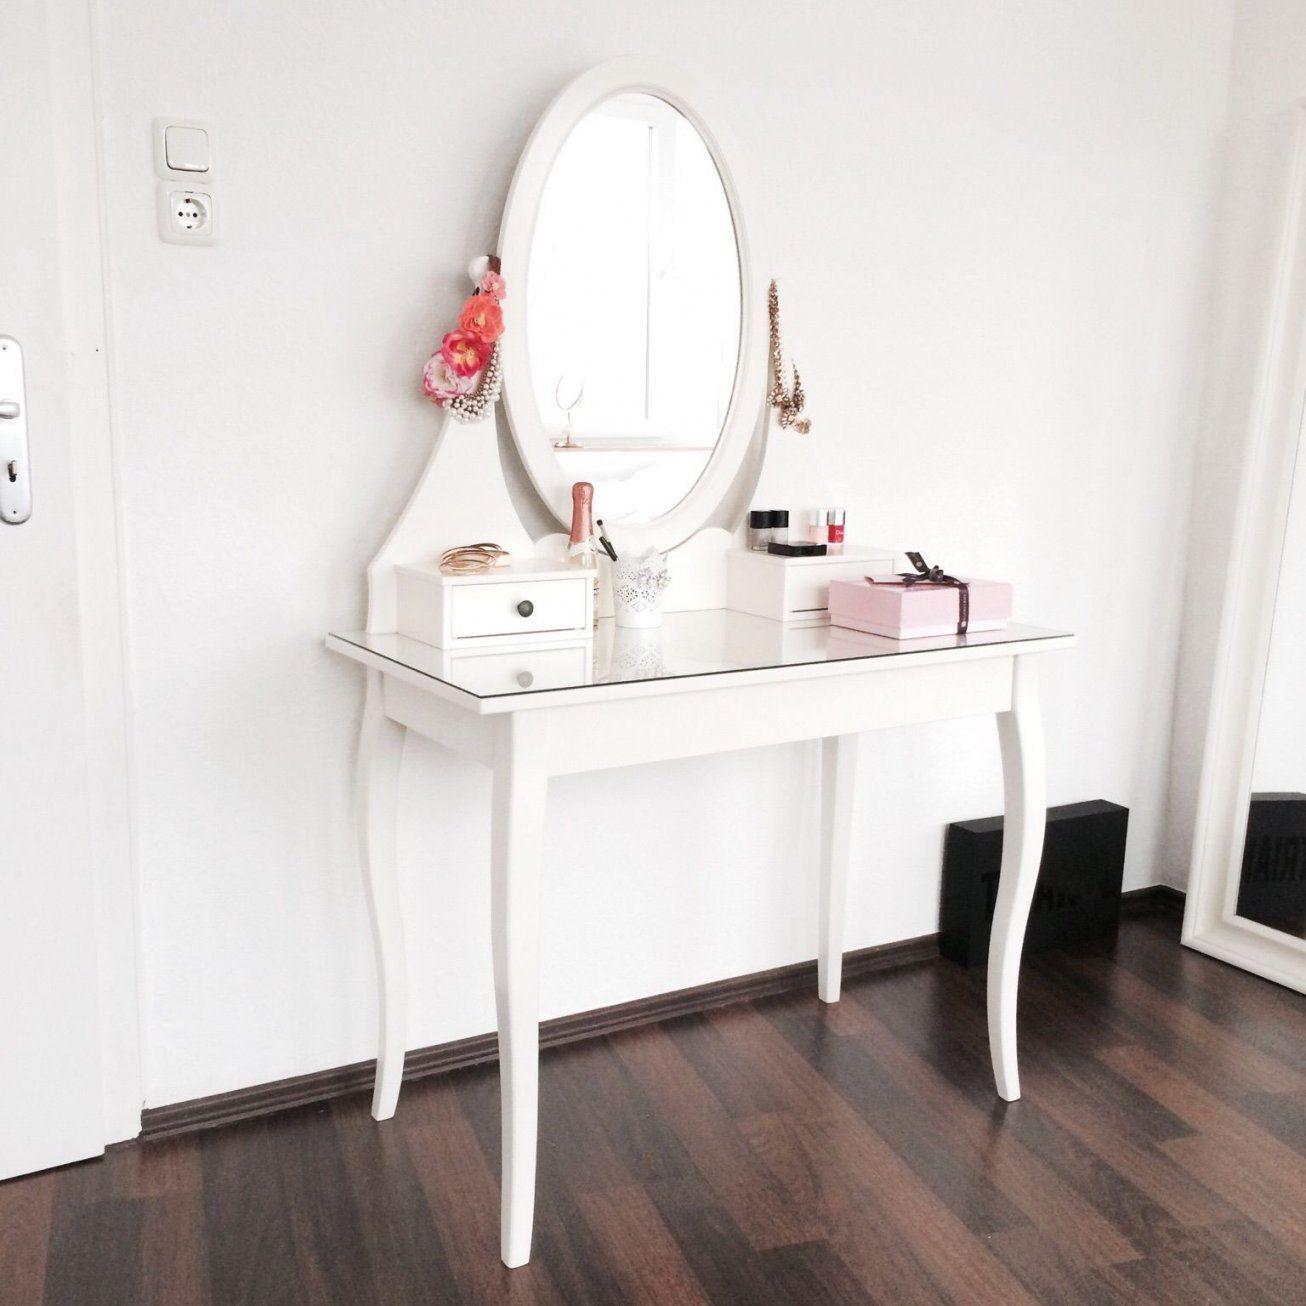 Gebraucht Ikea Schminktisch Weiß In 52353 Düren Um 150 00 Shpock von Schminktisch Weiß Hochglanz Ikea Bild